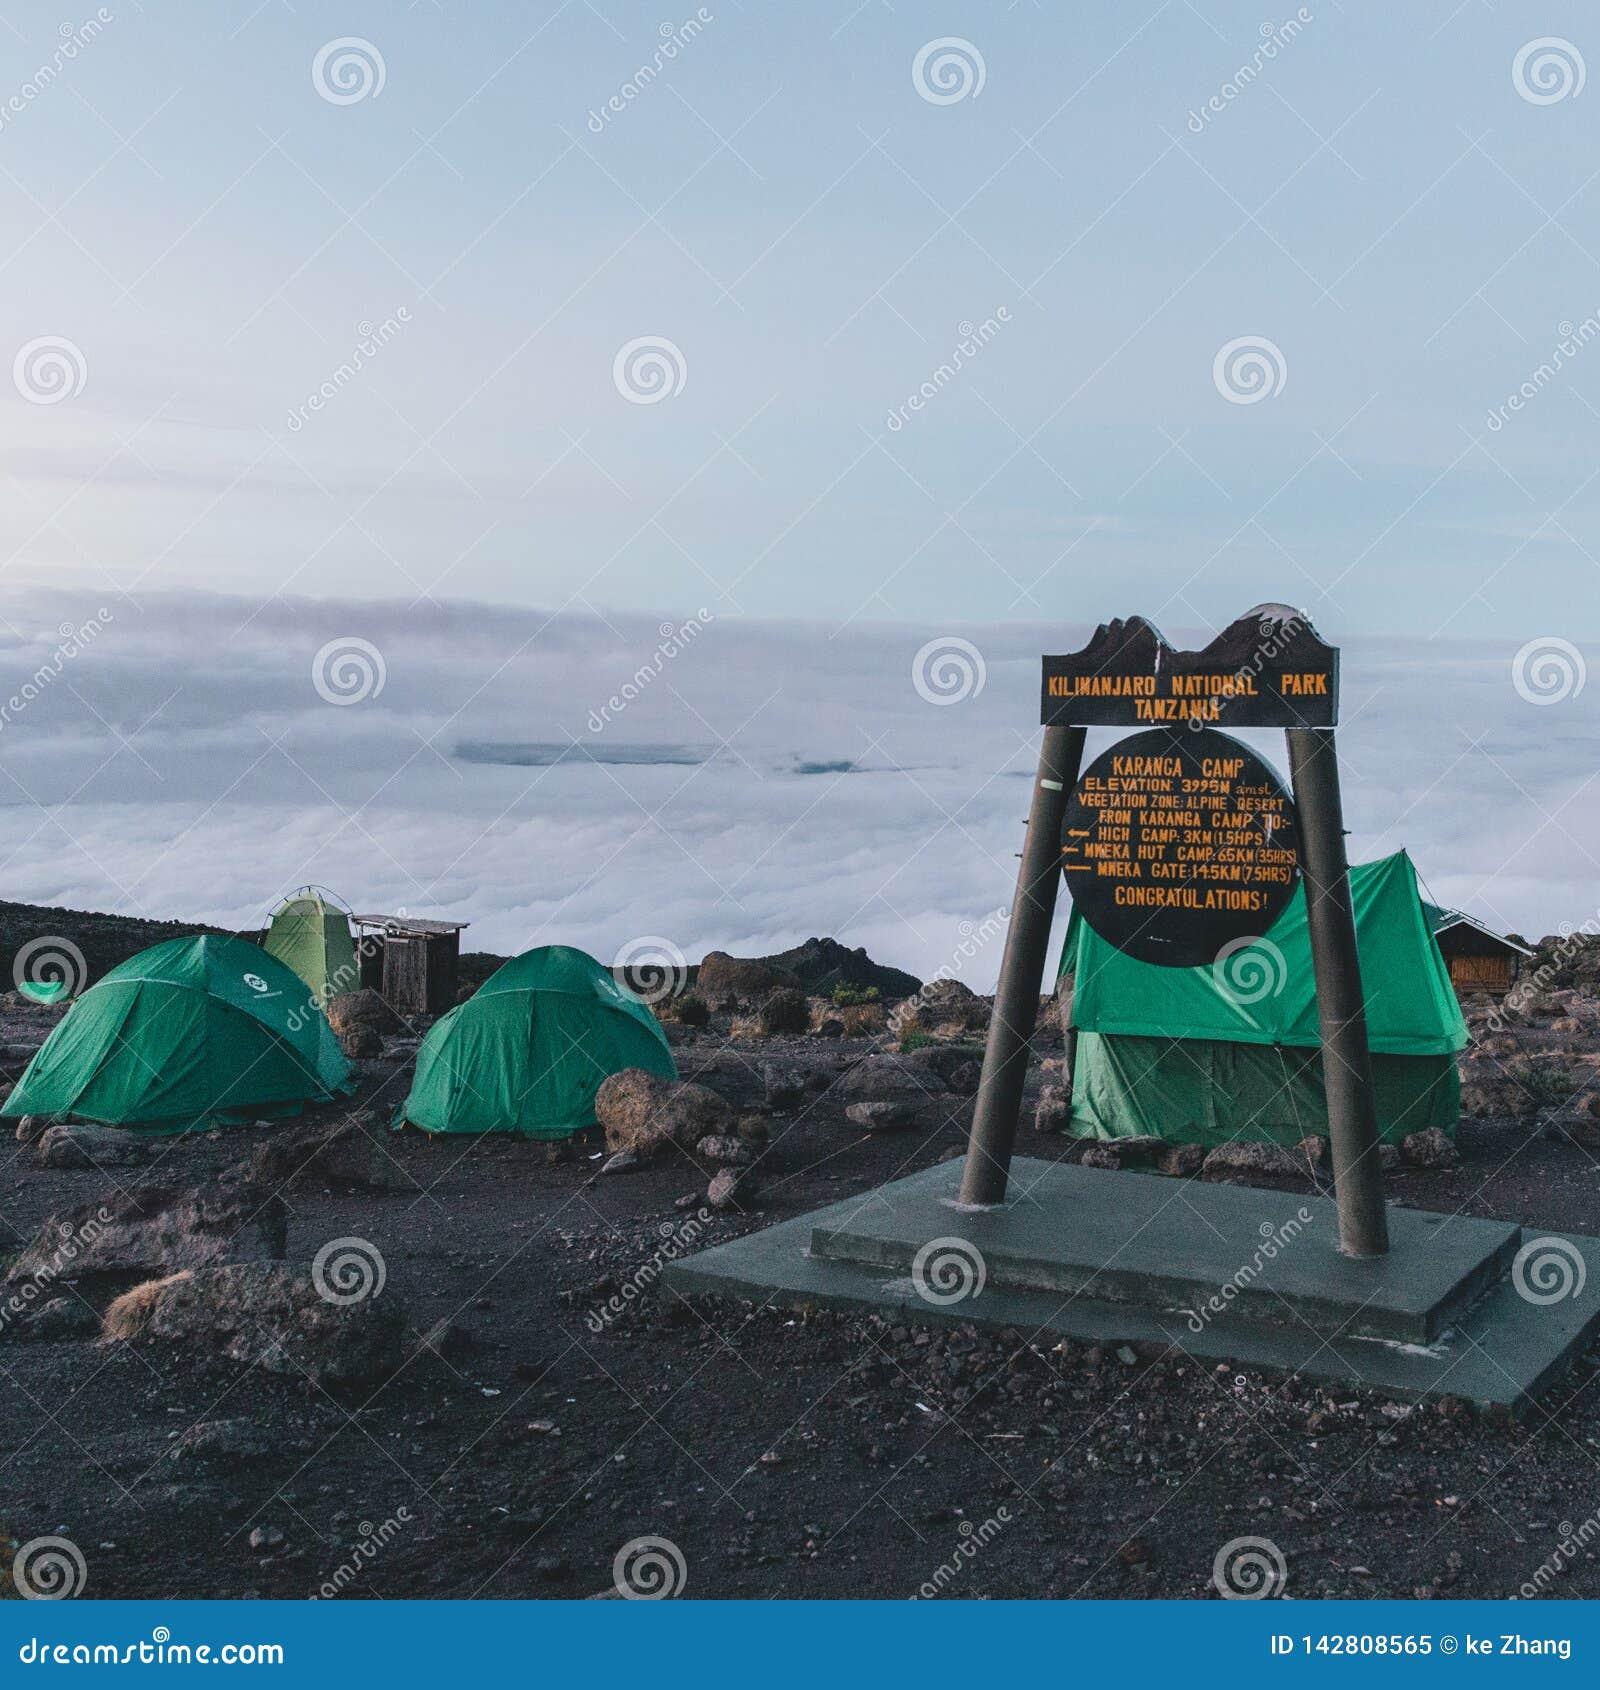 Climbing Mt Kilimanjaro in Tanzania Africa